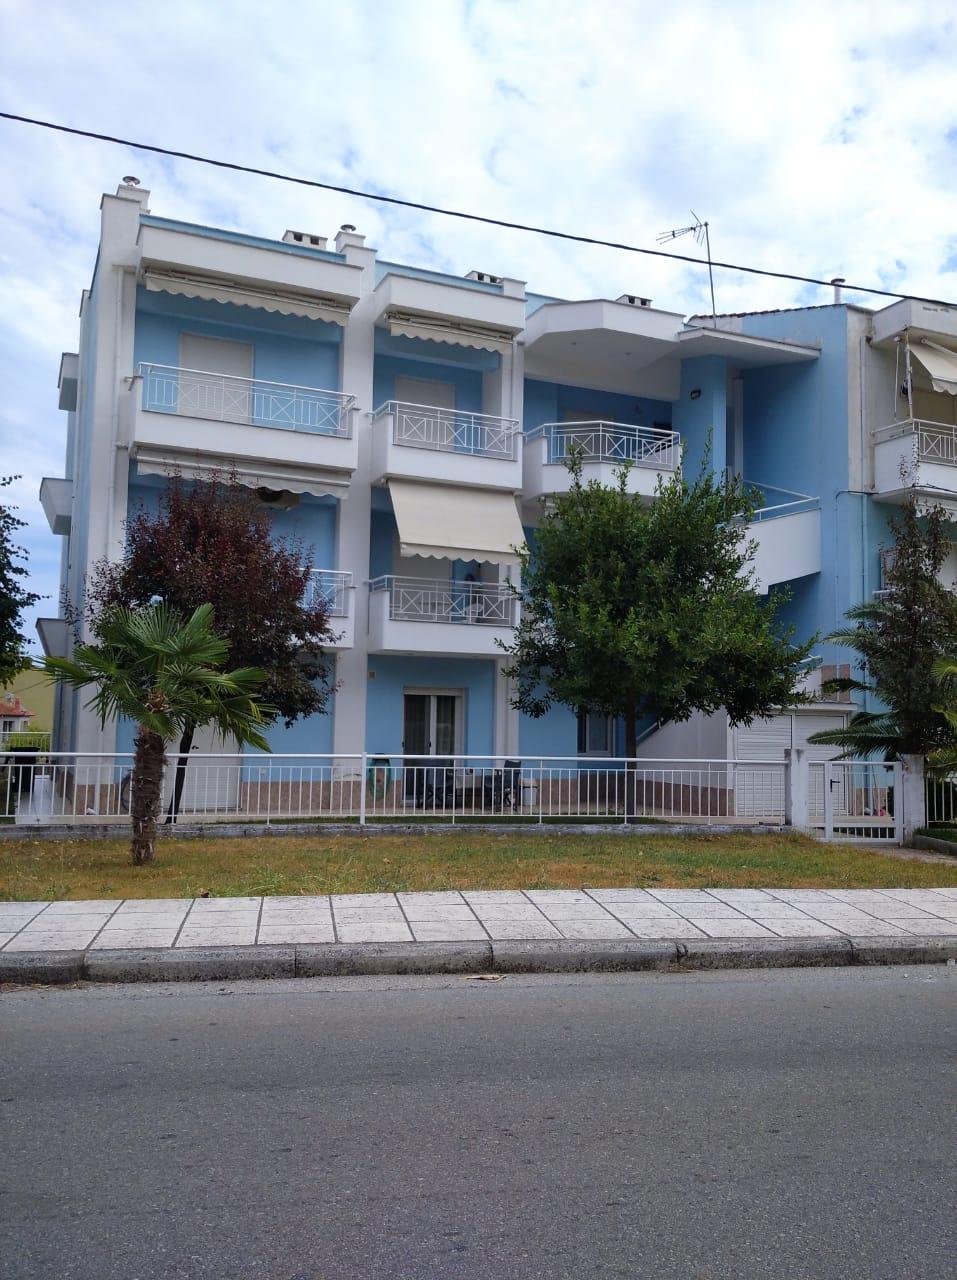 LEPTOKARIJA na prodaju stan 68m²+terase 25m²+ostava 10m²